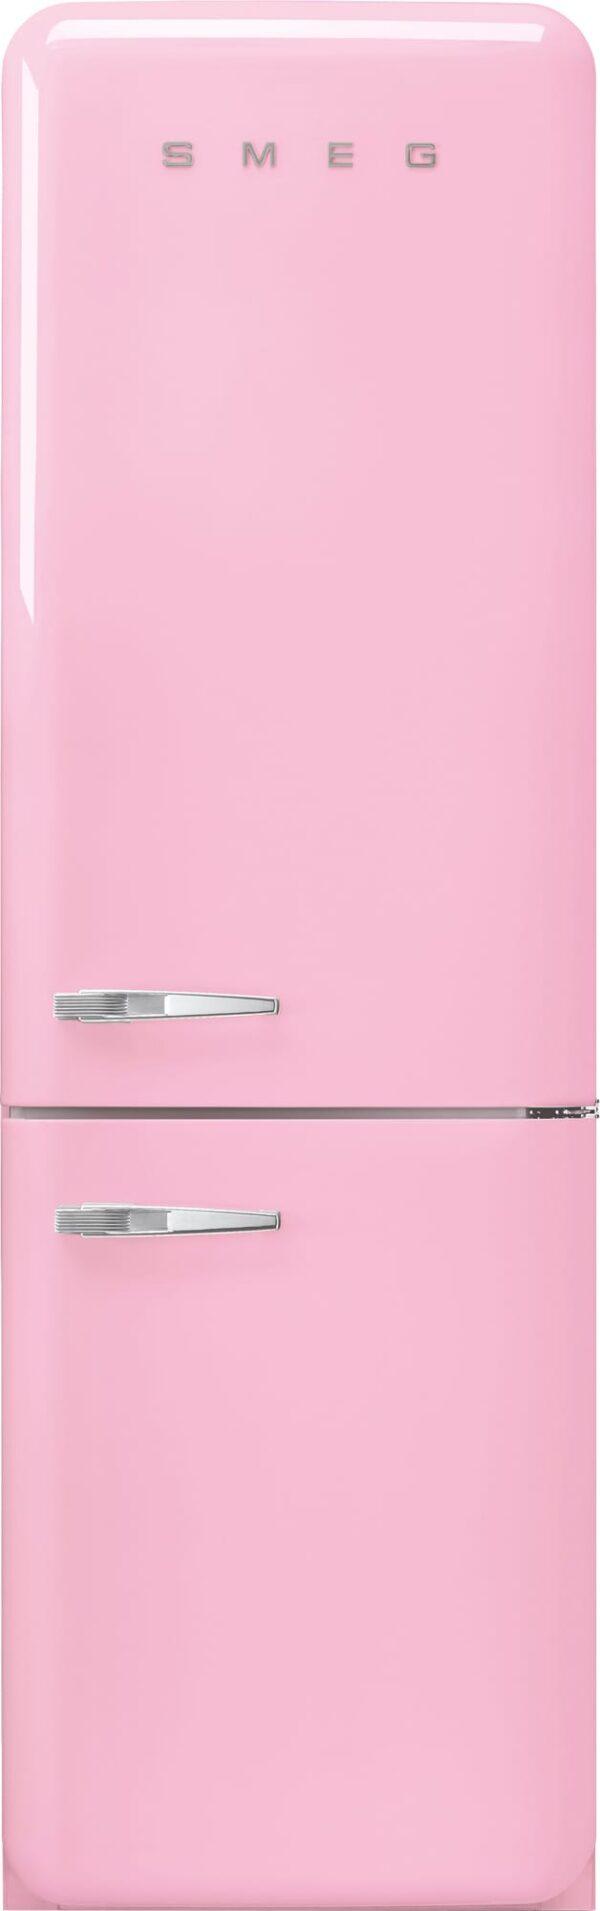 Smeg 50's Style kølefryseskab FAB32RPK5 (pink)